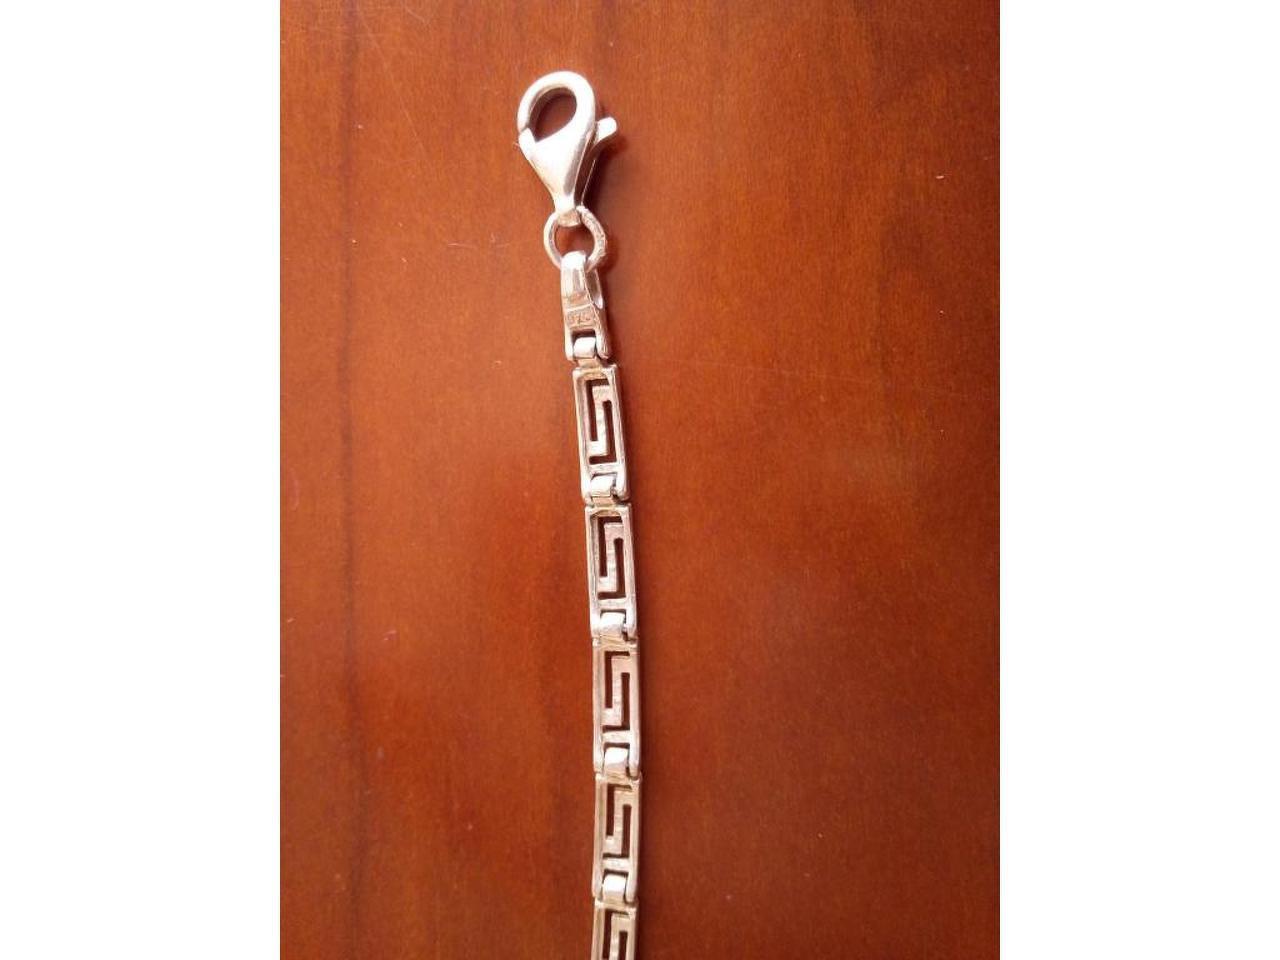 Pulseira e anel ajustável, em prata de lei. Unisexo. - 4/8